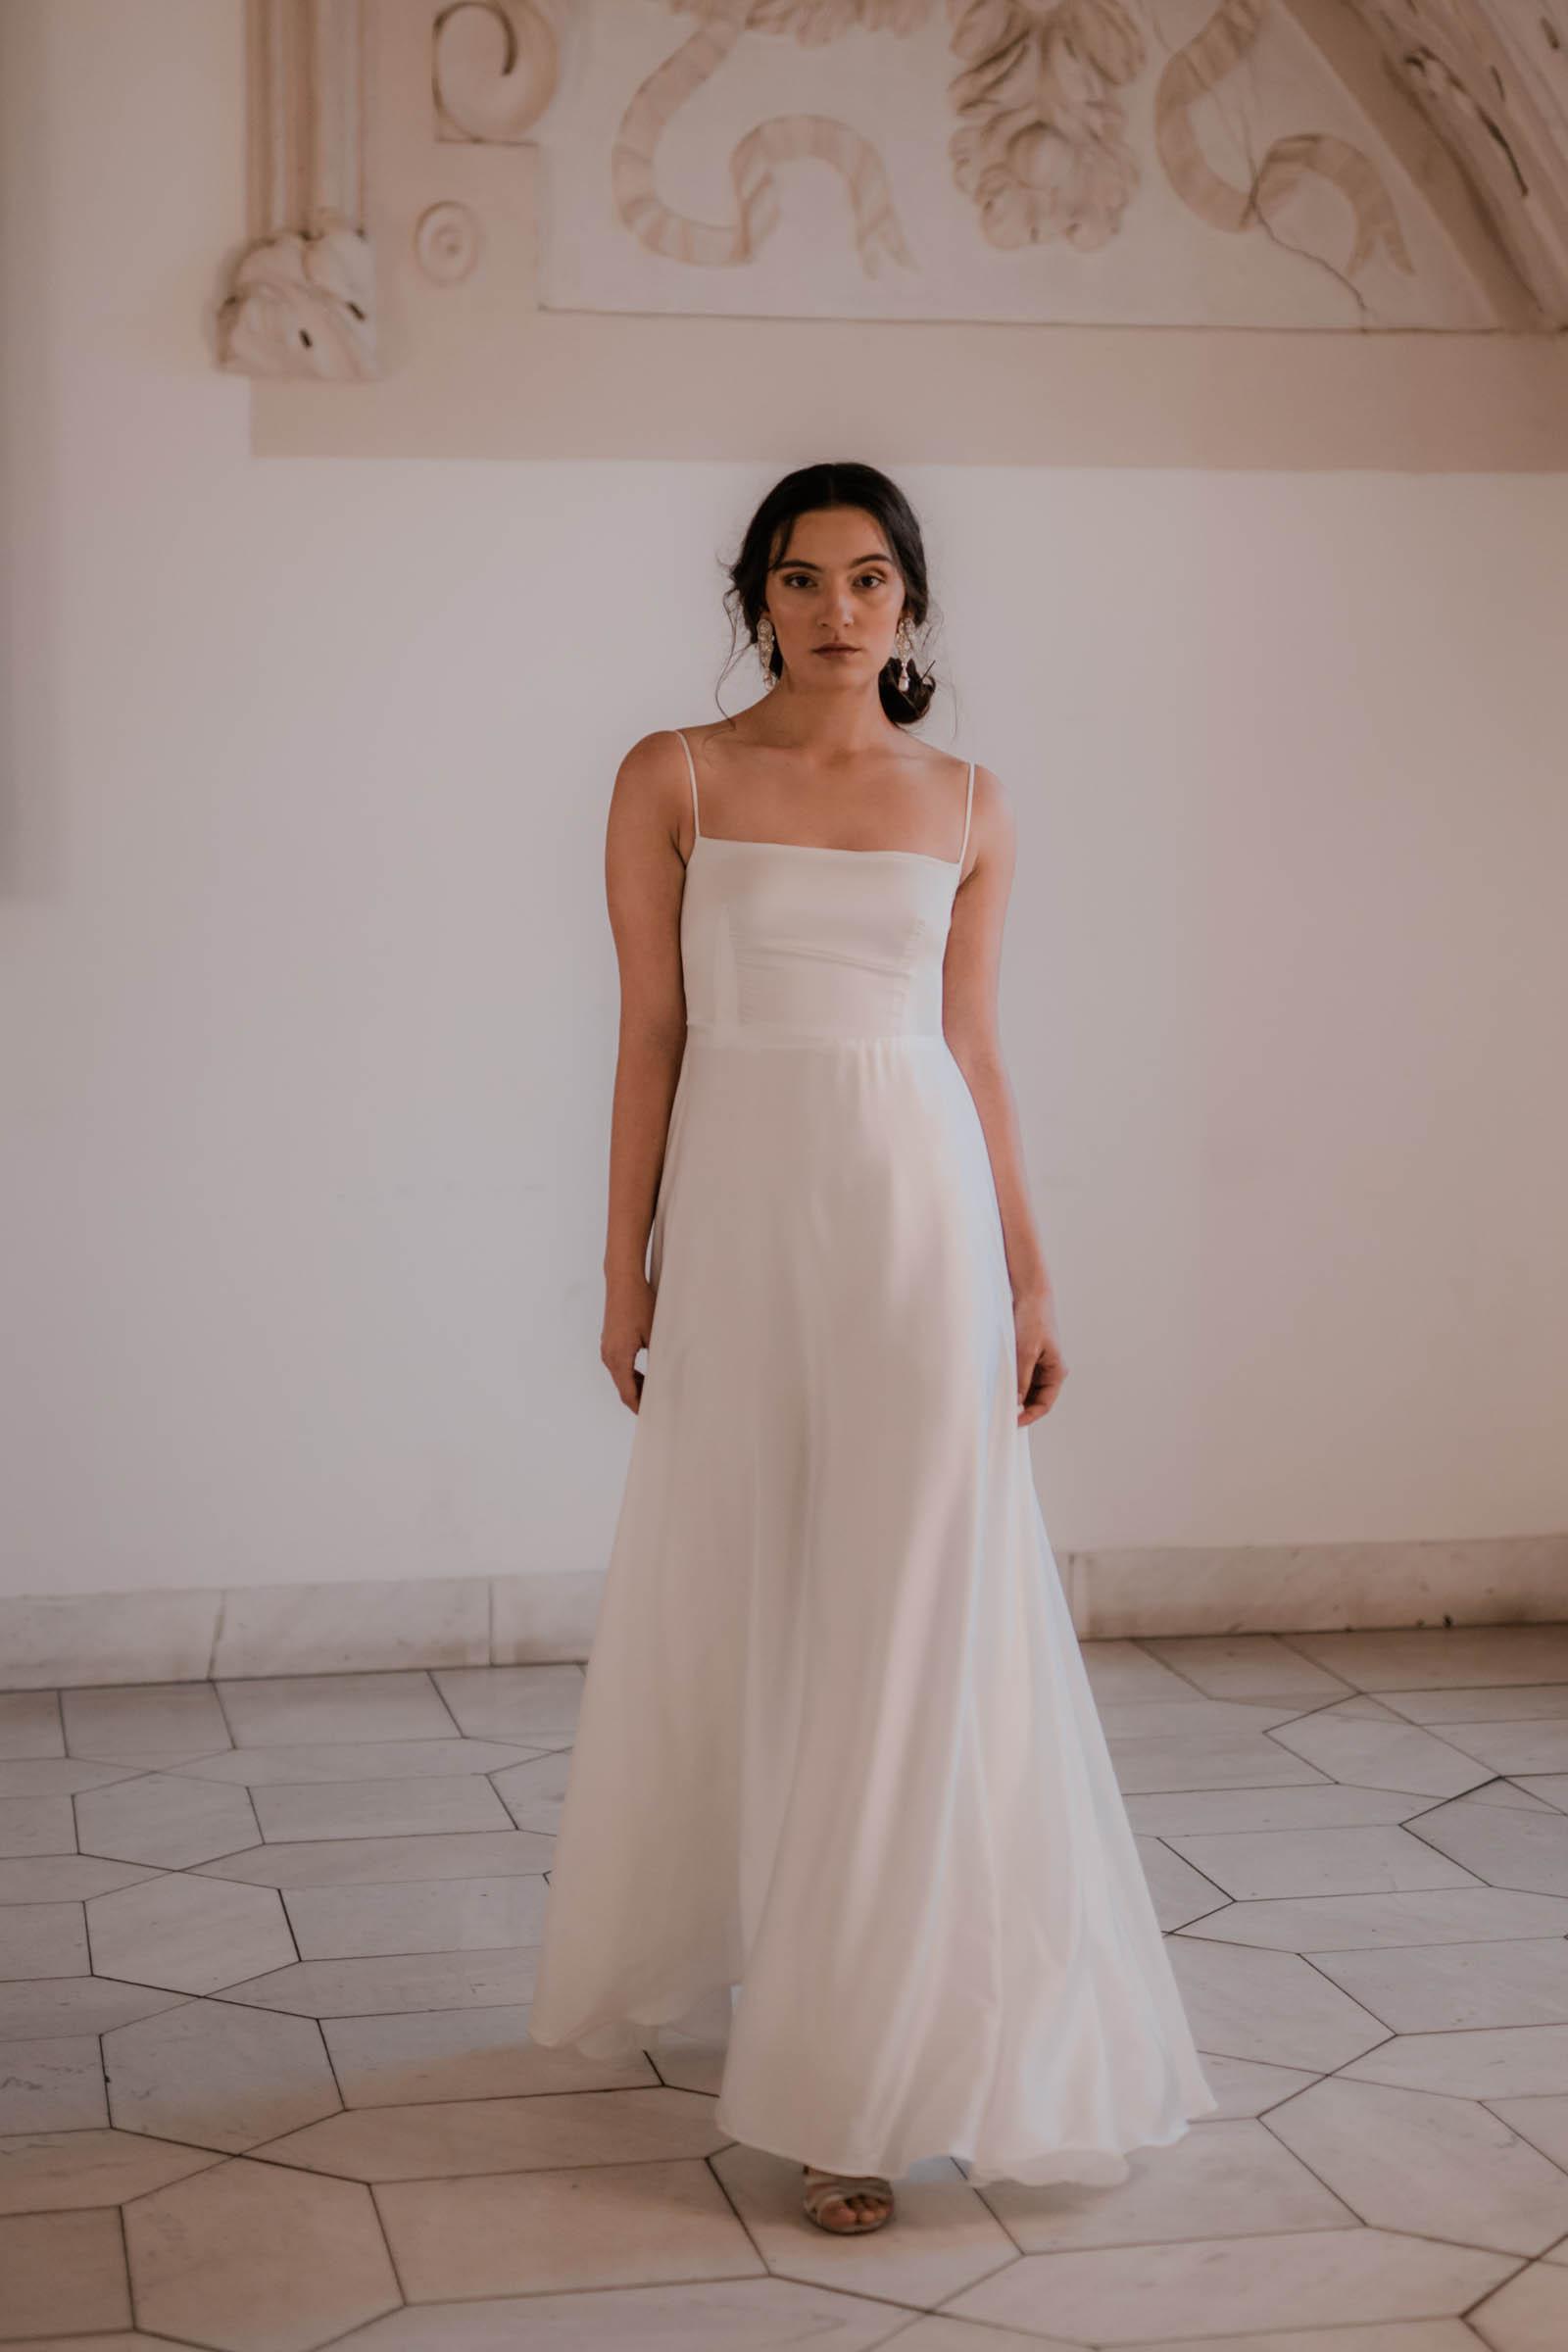 boho-svadobne-saty-veronika-kostkova-wedding-atelier-2019-pura-4